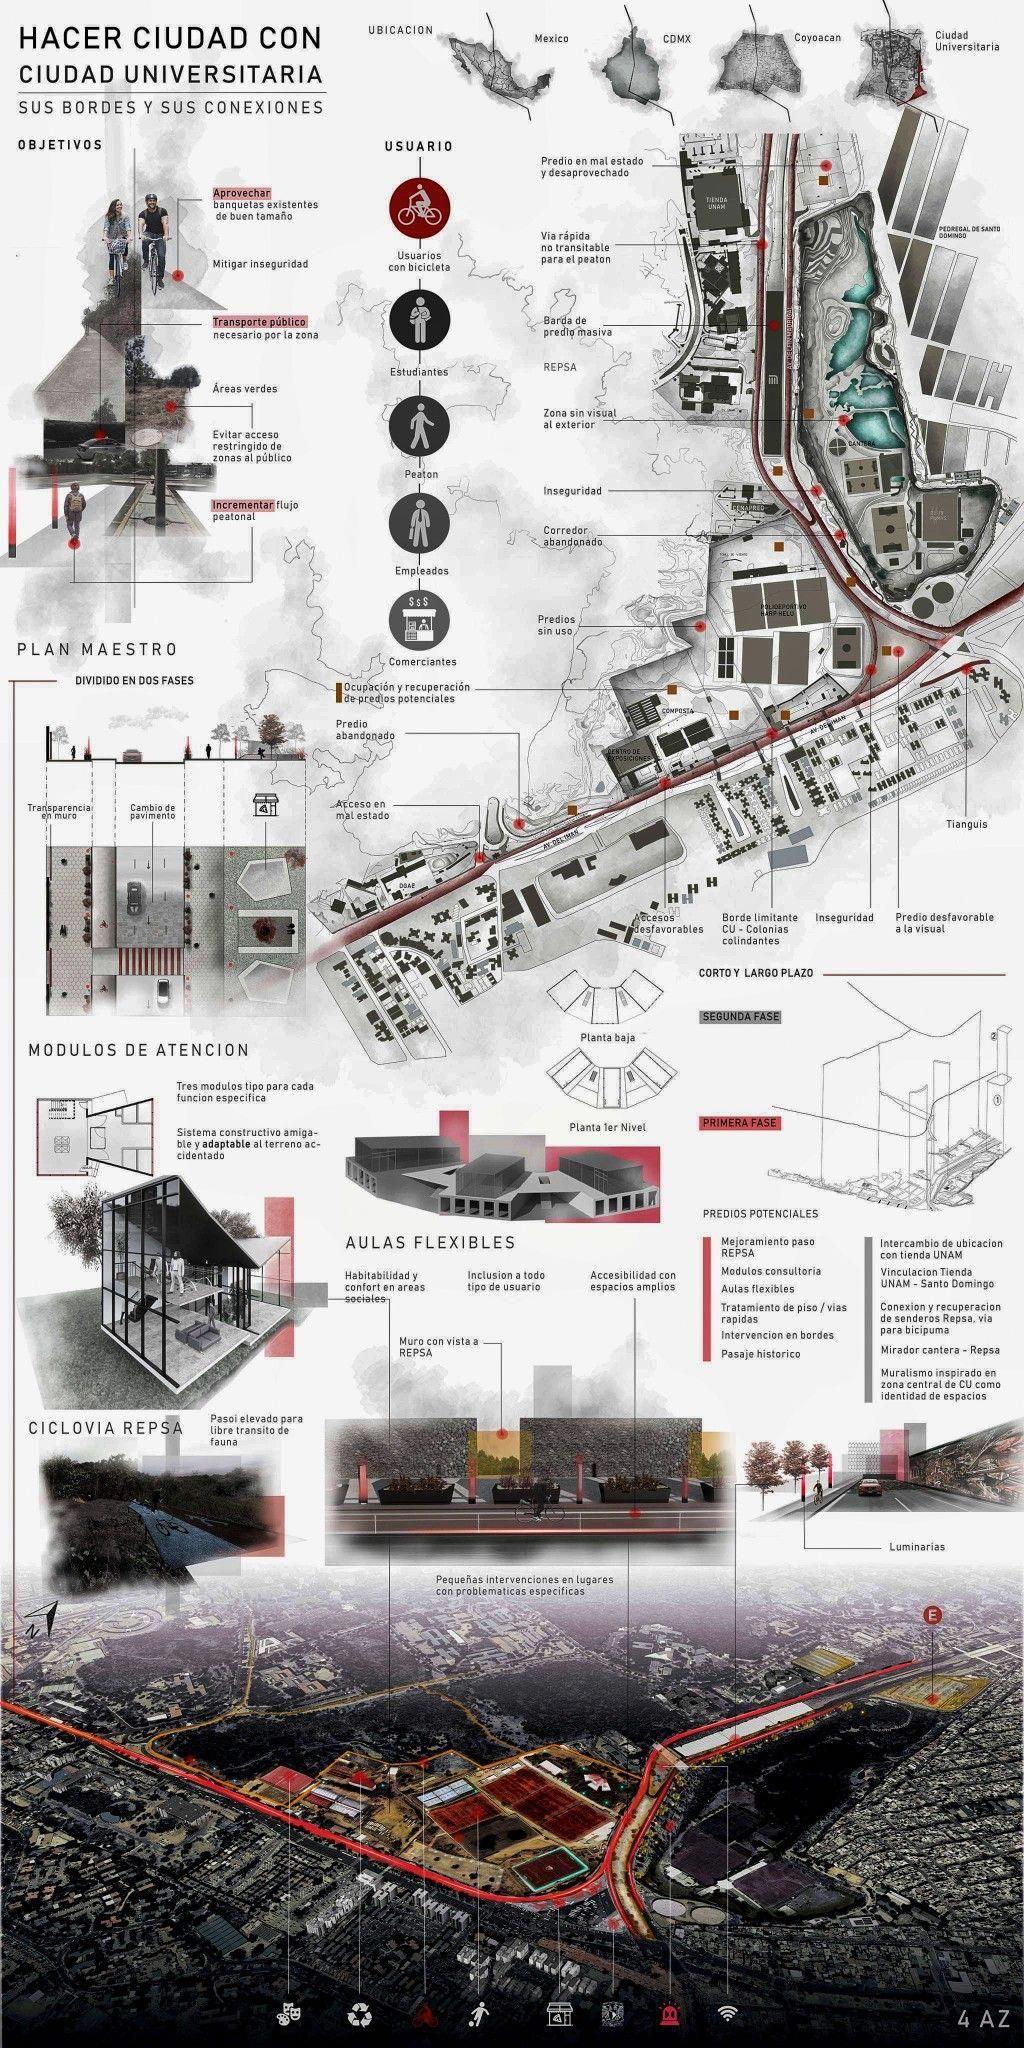 Hacer ciudad con CU Facultad de Arquitectura UNAM #PhotoshopArchitecture #urbaneanalyse